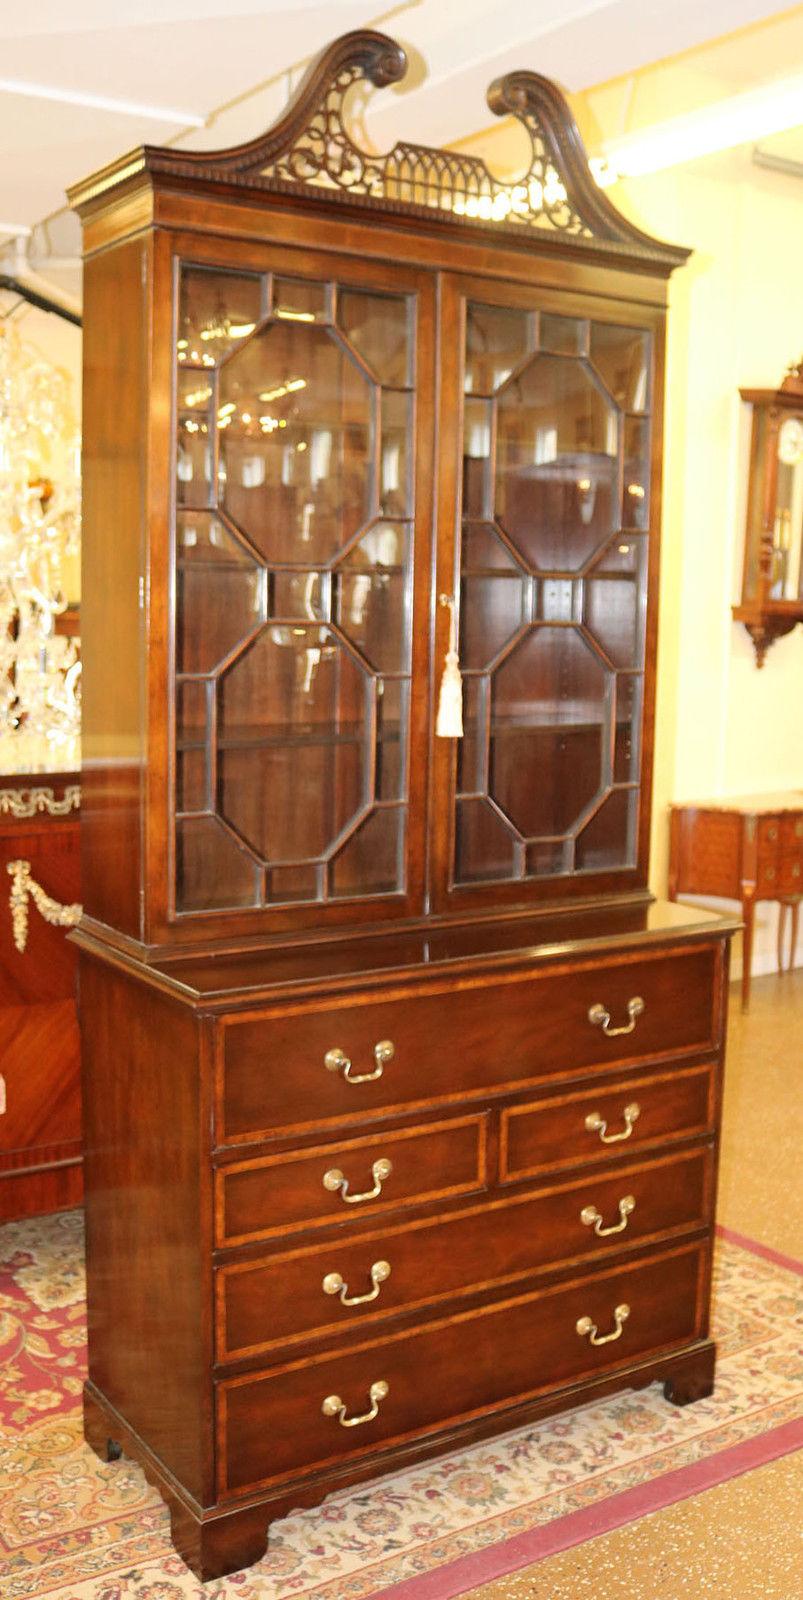 Rare PRISTINE Mahogany BAKER Secretary Desk Bookcase China Cabinet MINT  C1950 - Antique Cabinets-Bookcases